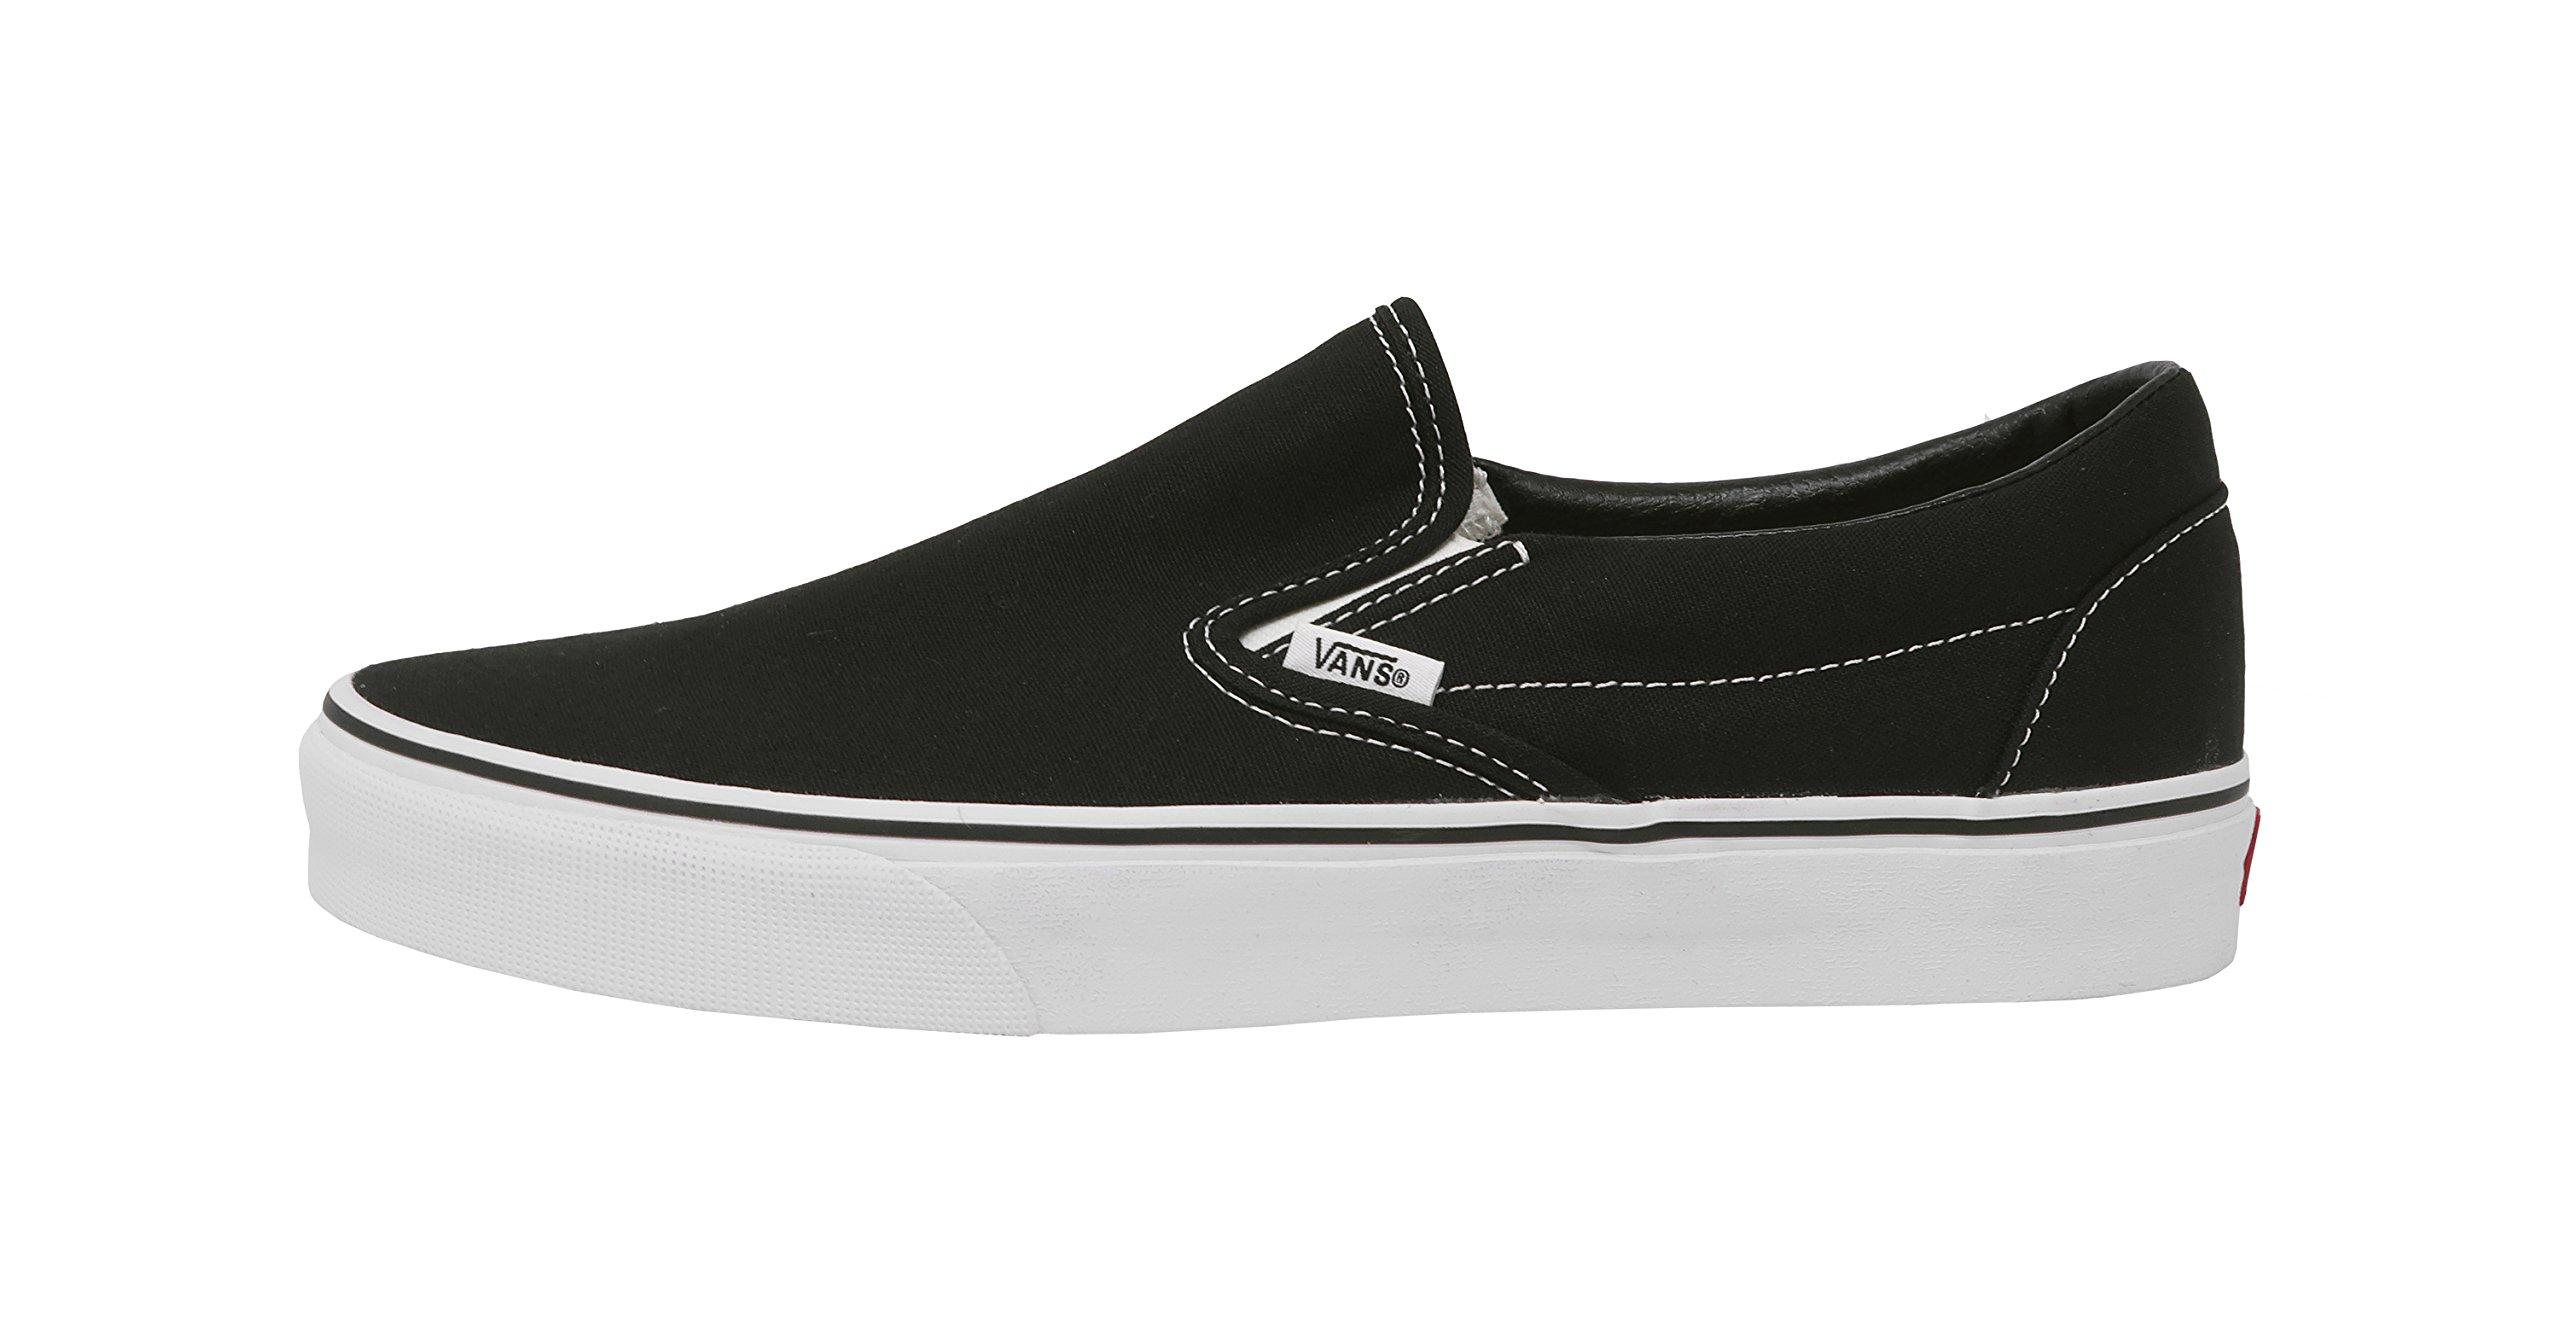 Vans U Classic Slip-On Skate Shoe Black 9.5 D(M) US by Vans (Image #2)